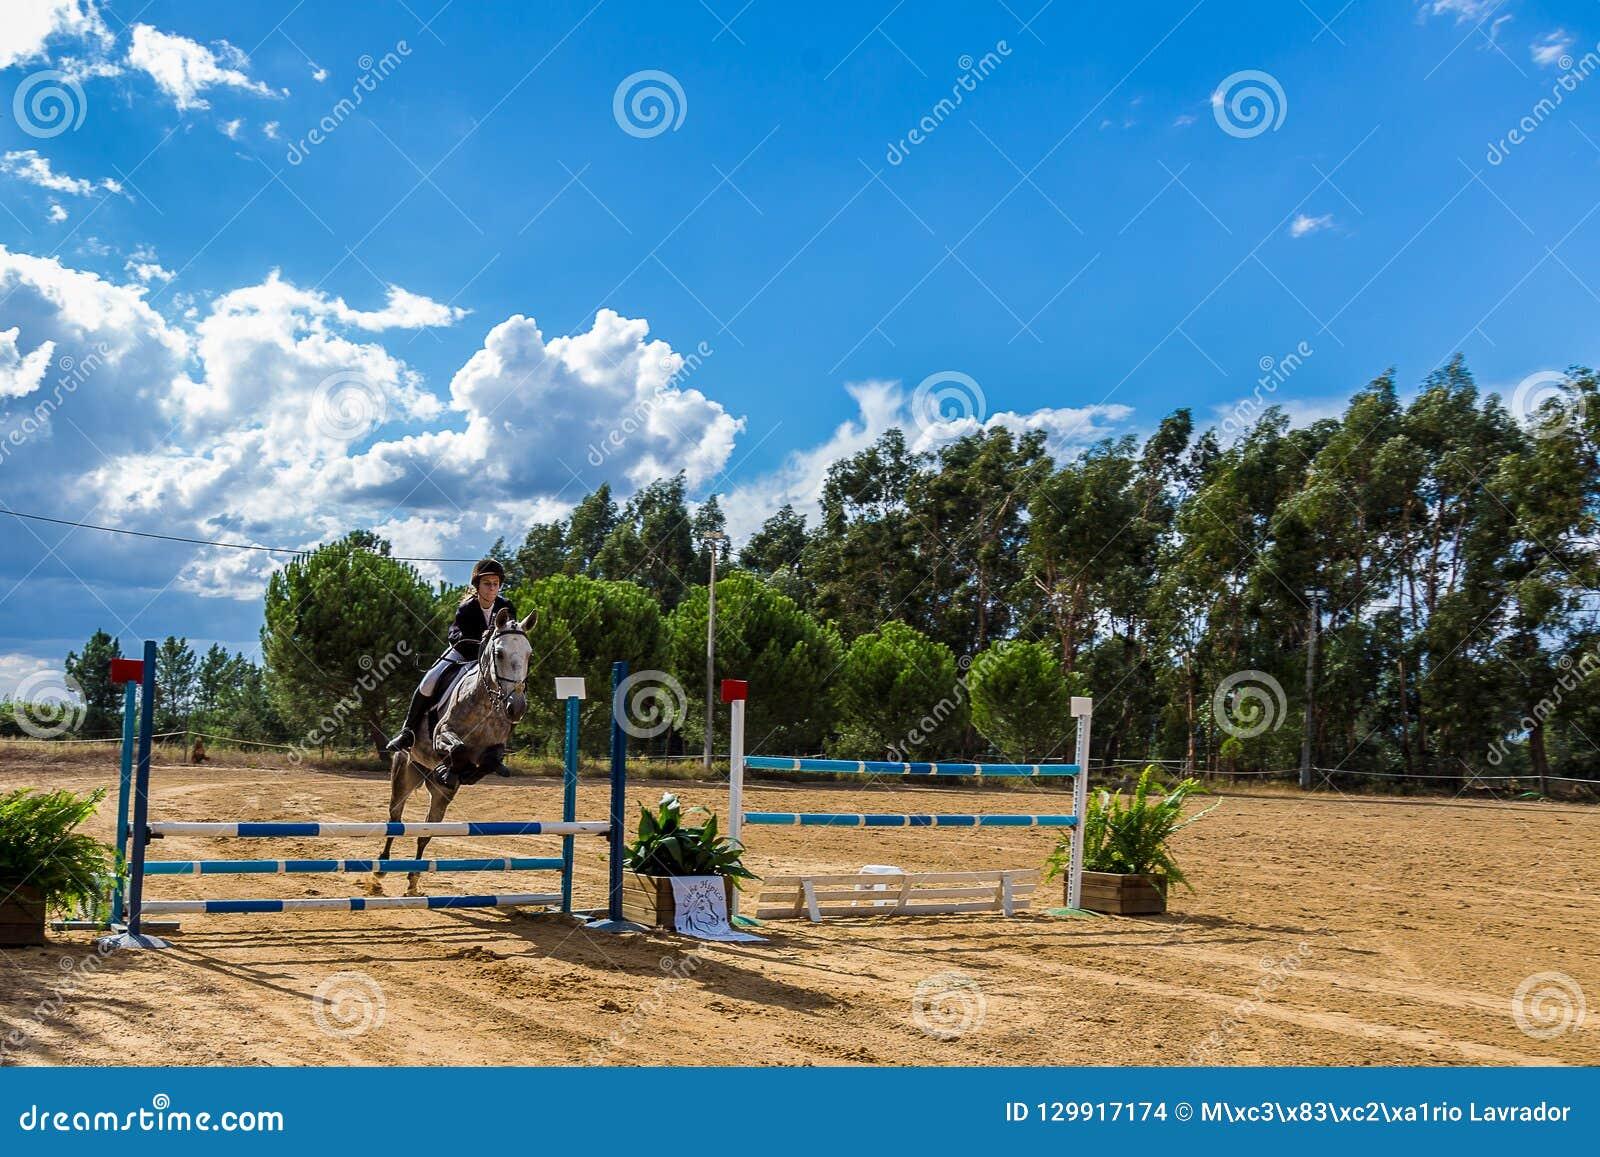 Equestrianism i en portugisisk naturhästreserv